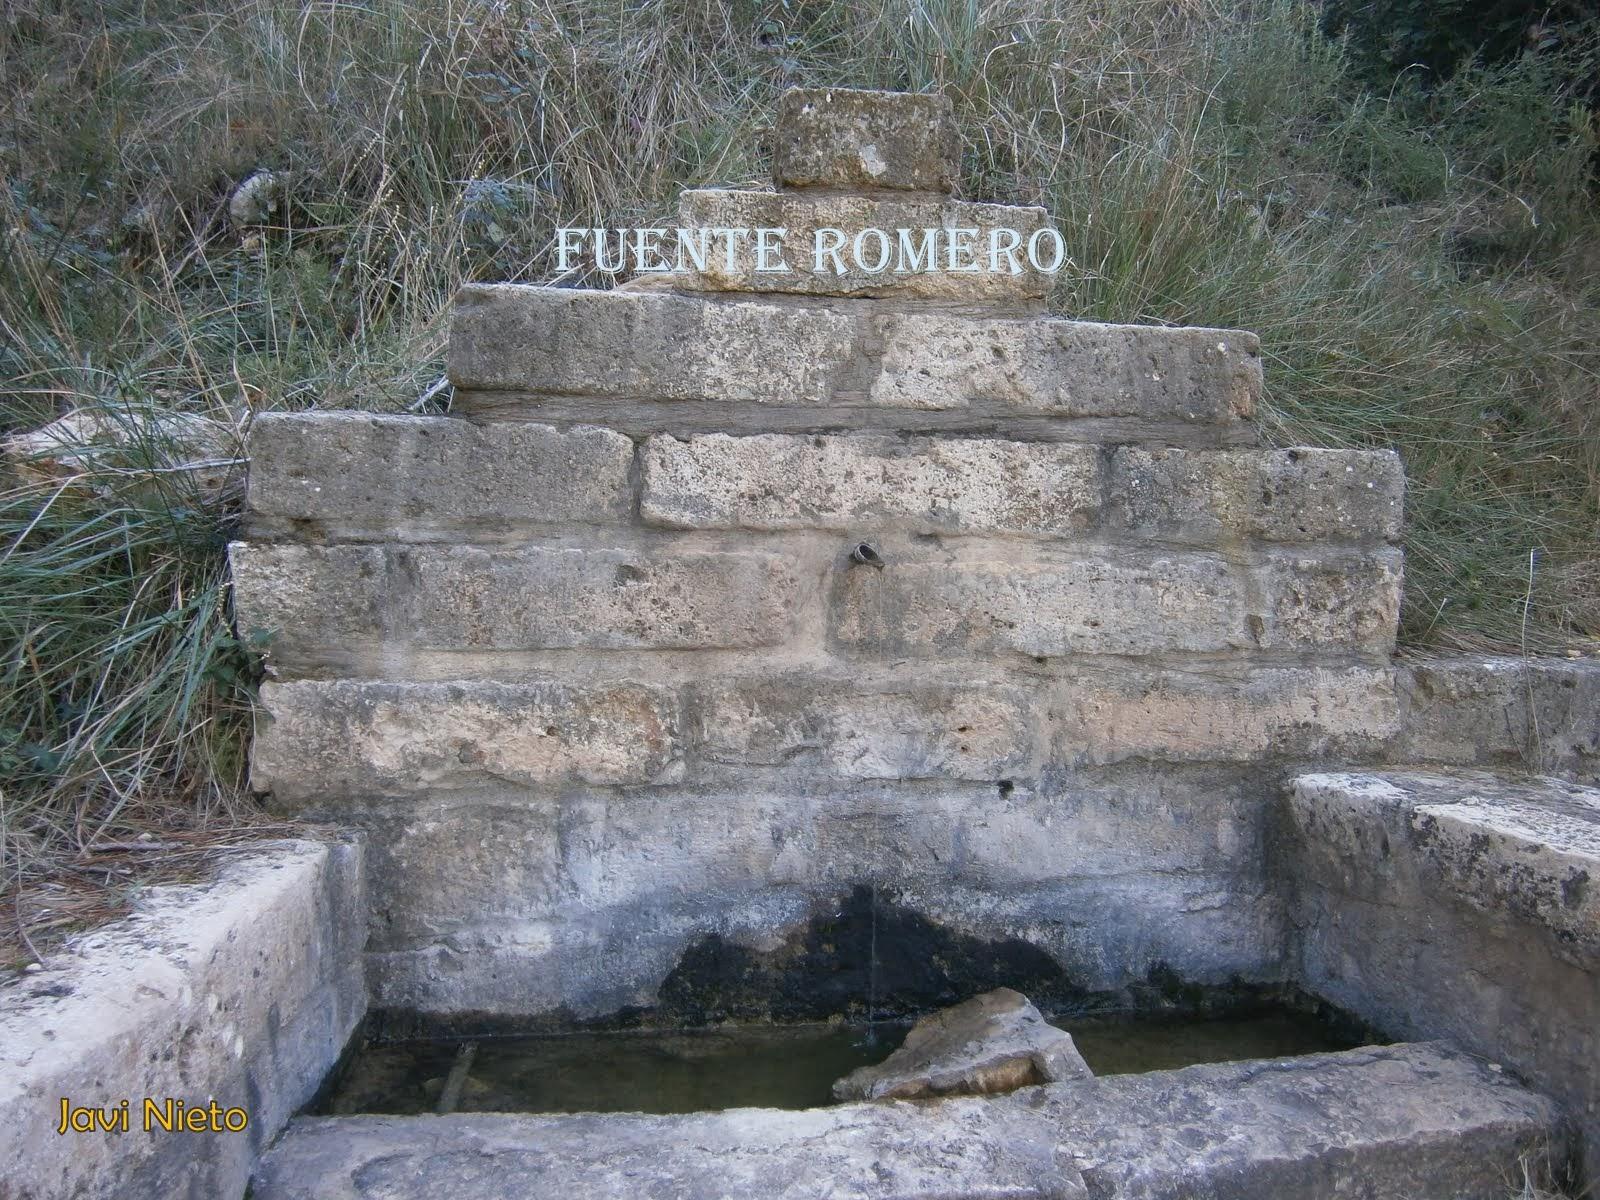 La+Fuente+Romero.JPG